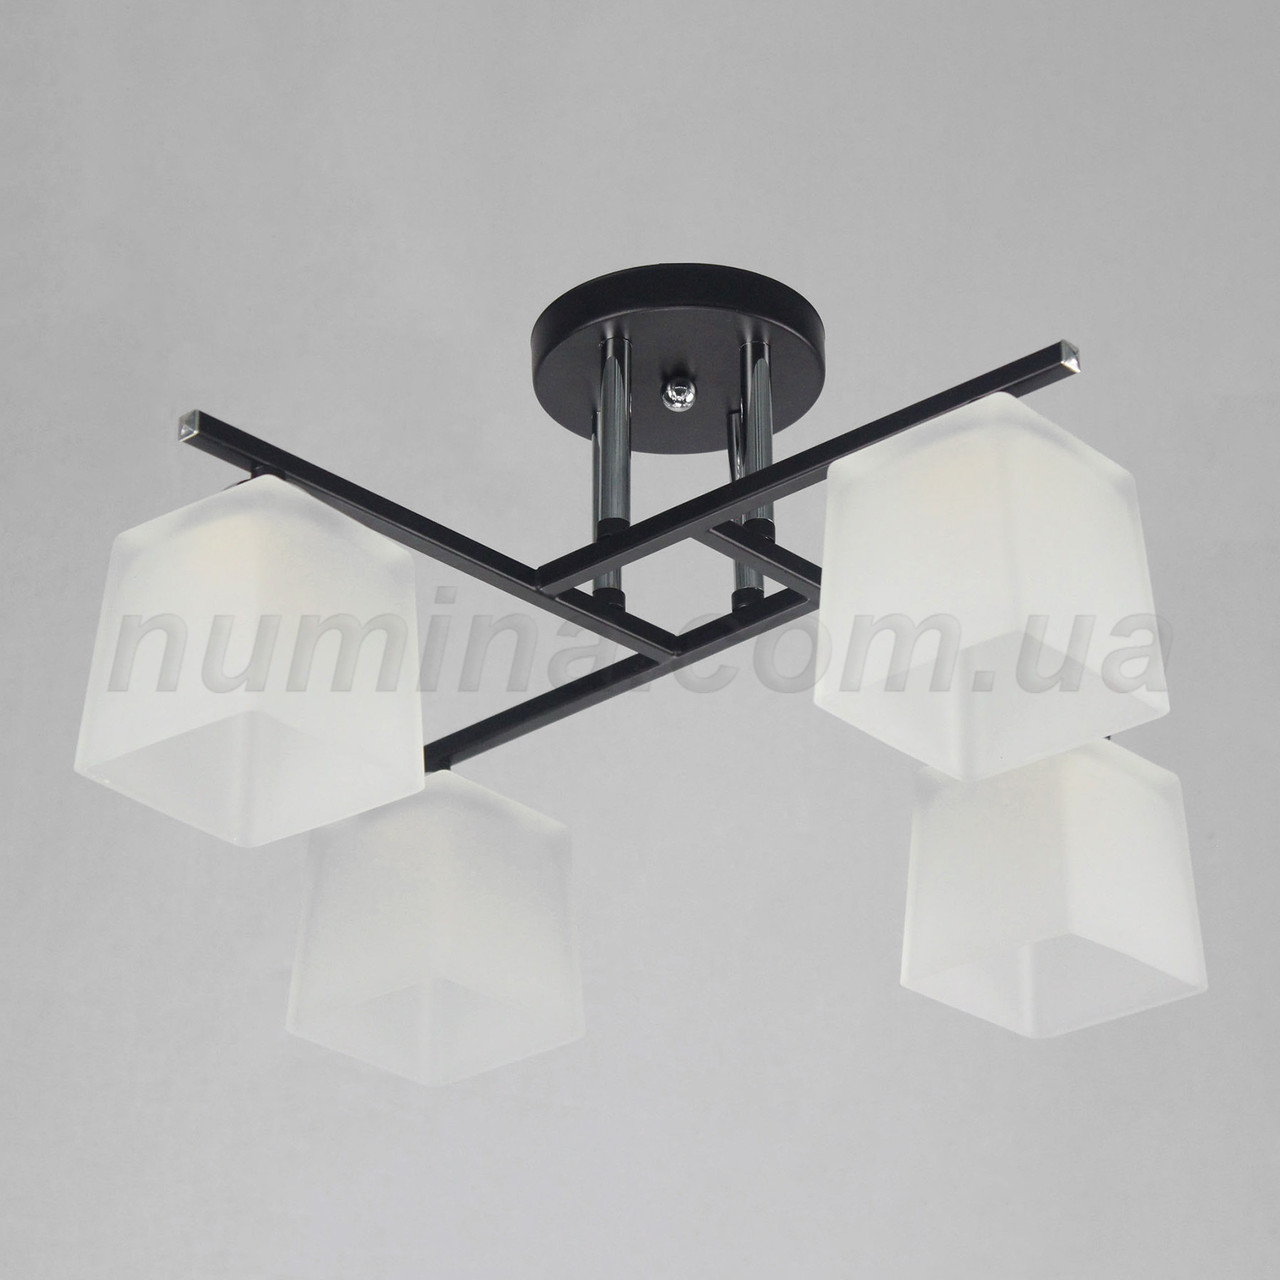 Люстра потолочная на 4 лампы 29-E512/4 CR+BK+WT